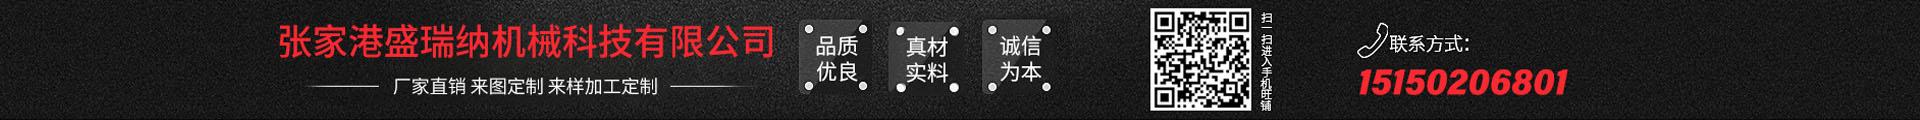 张家港盛瑞纳机械科技有限公司